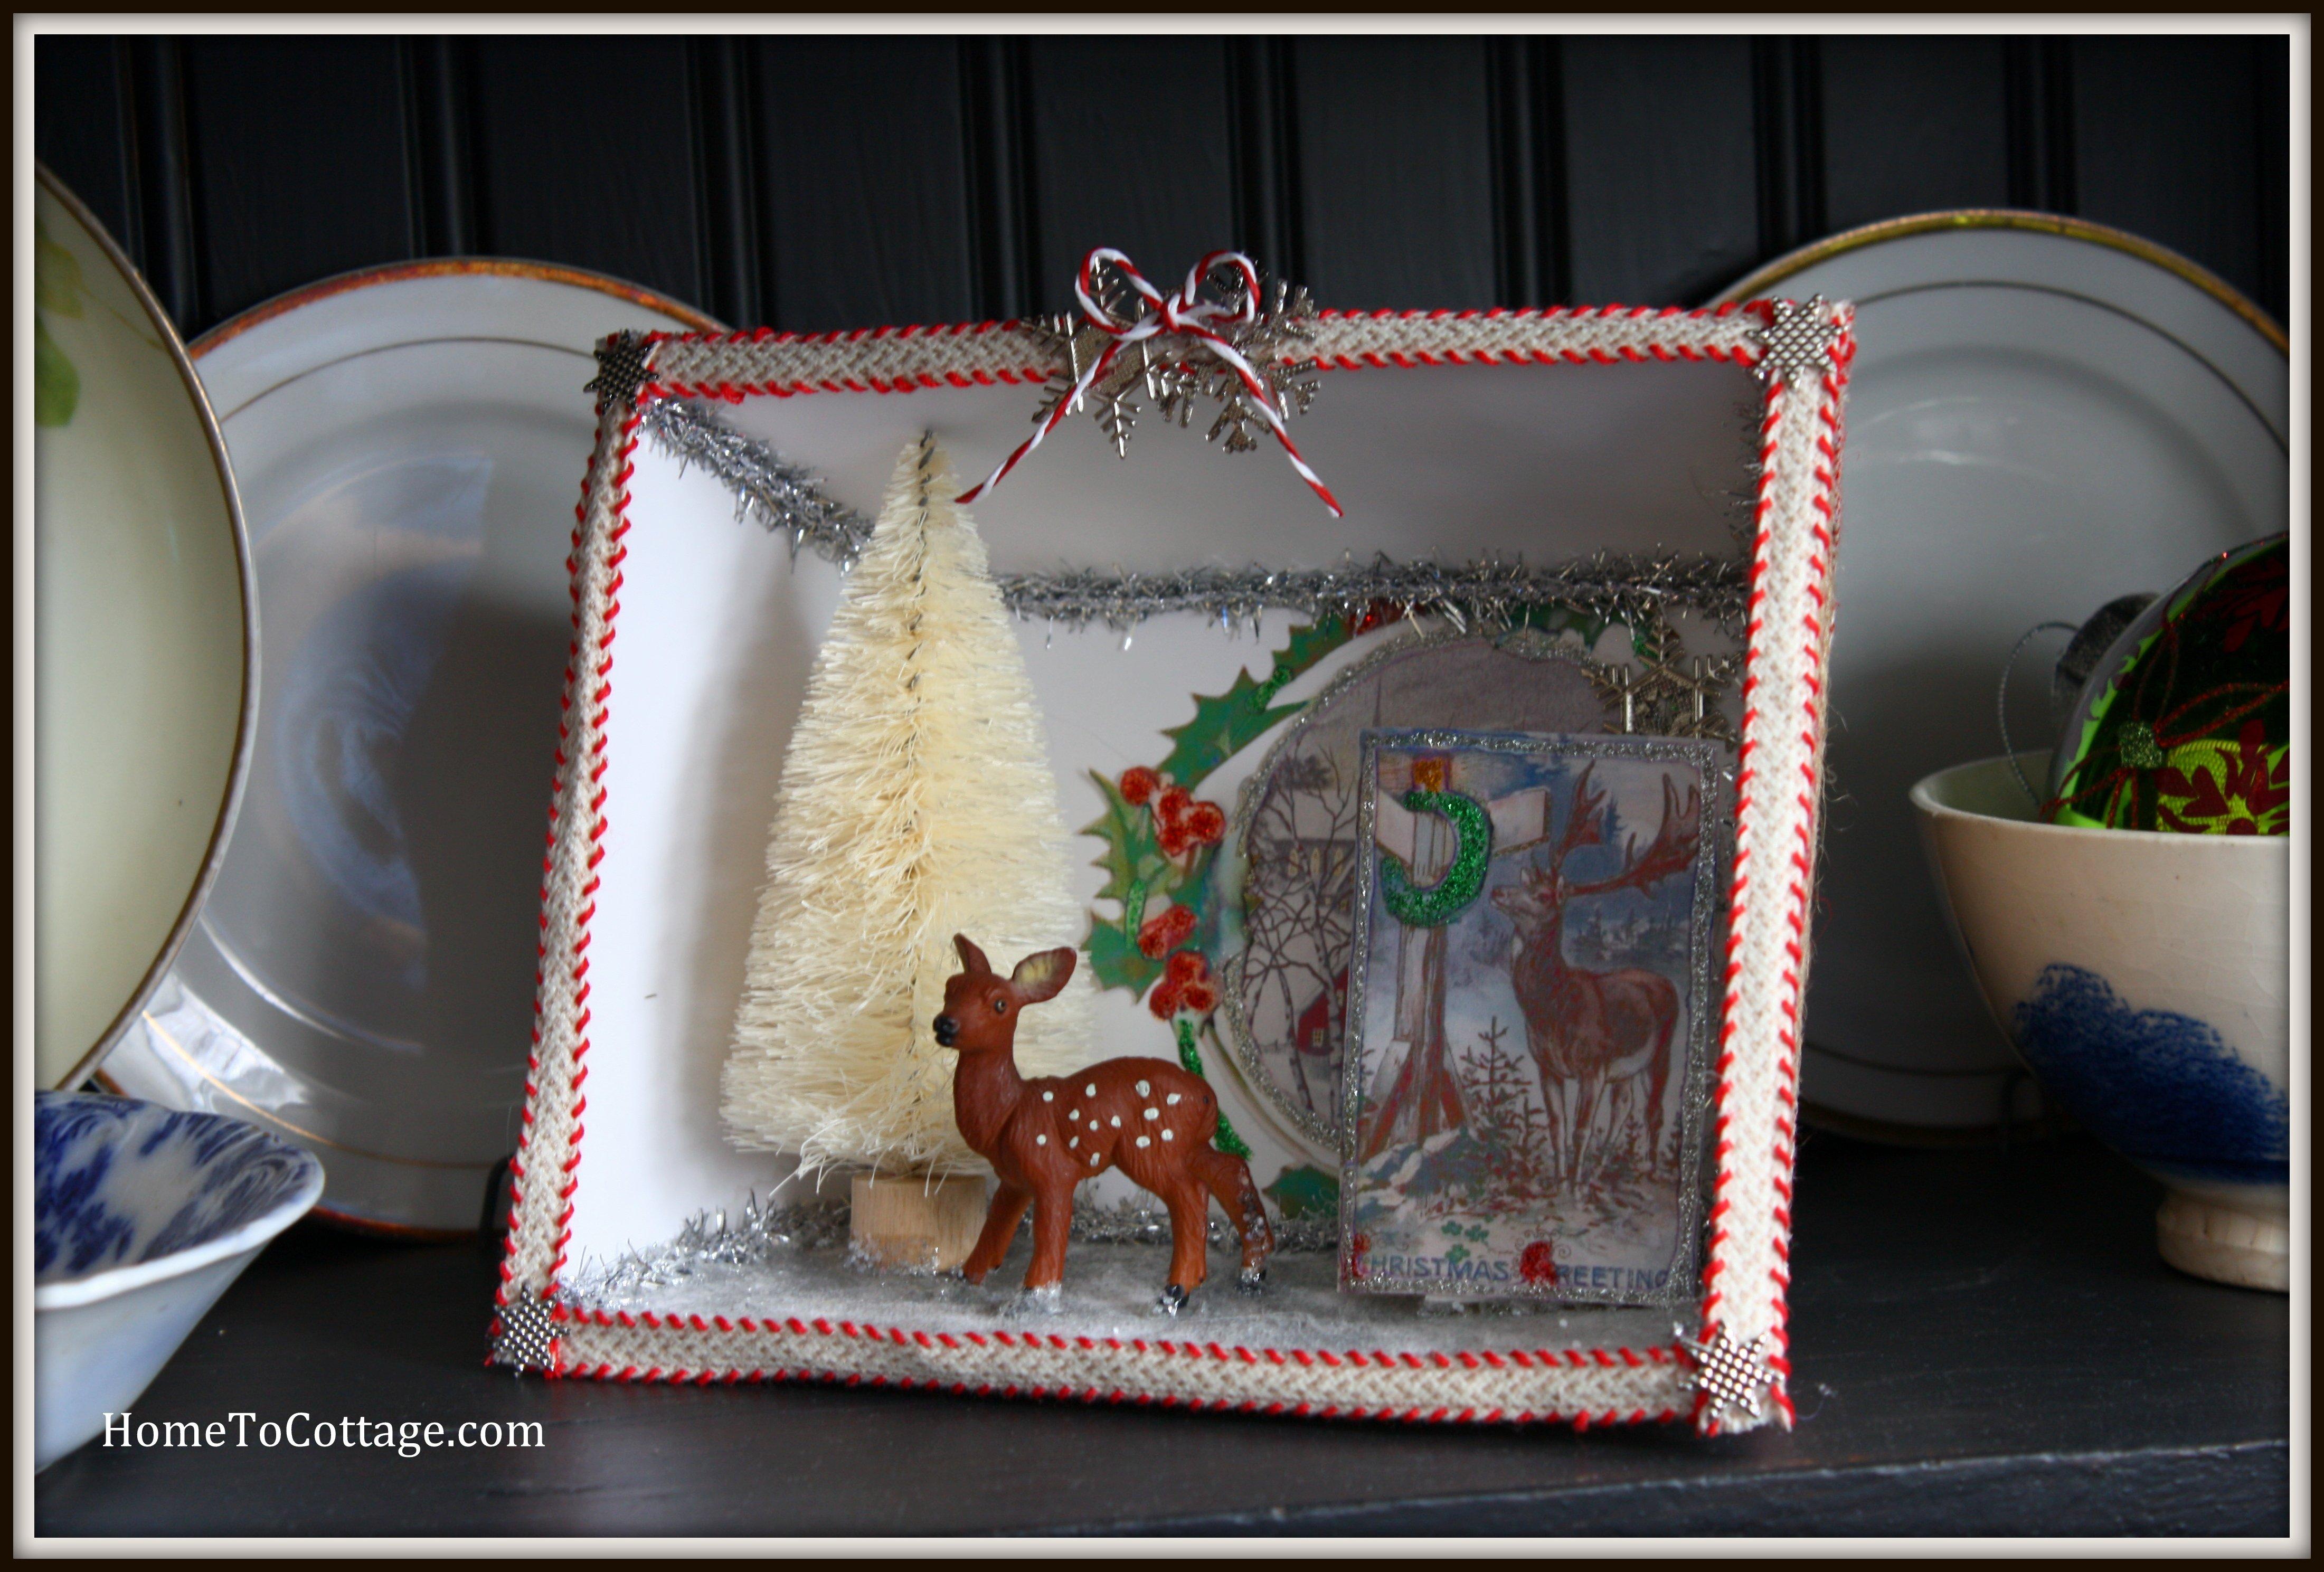 1 HomeToCottage.com diorama